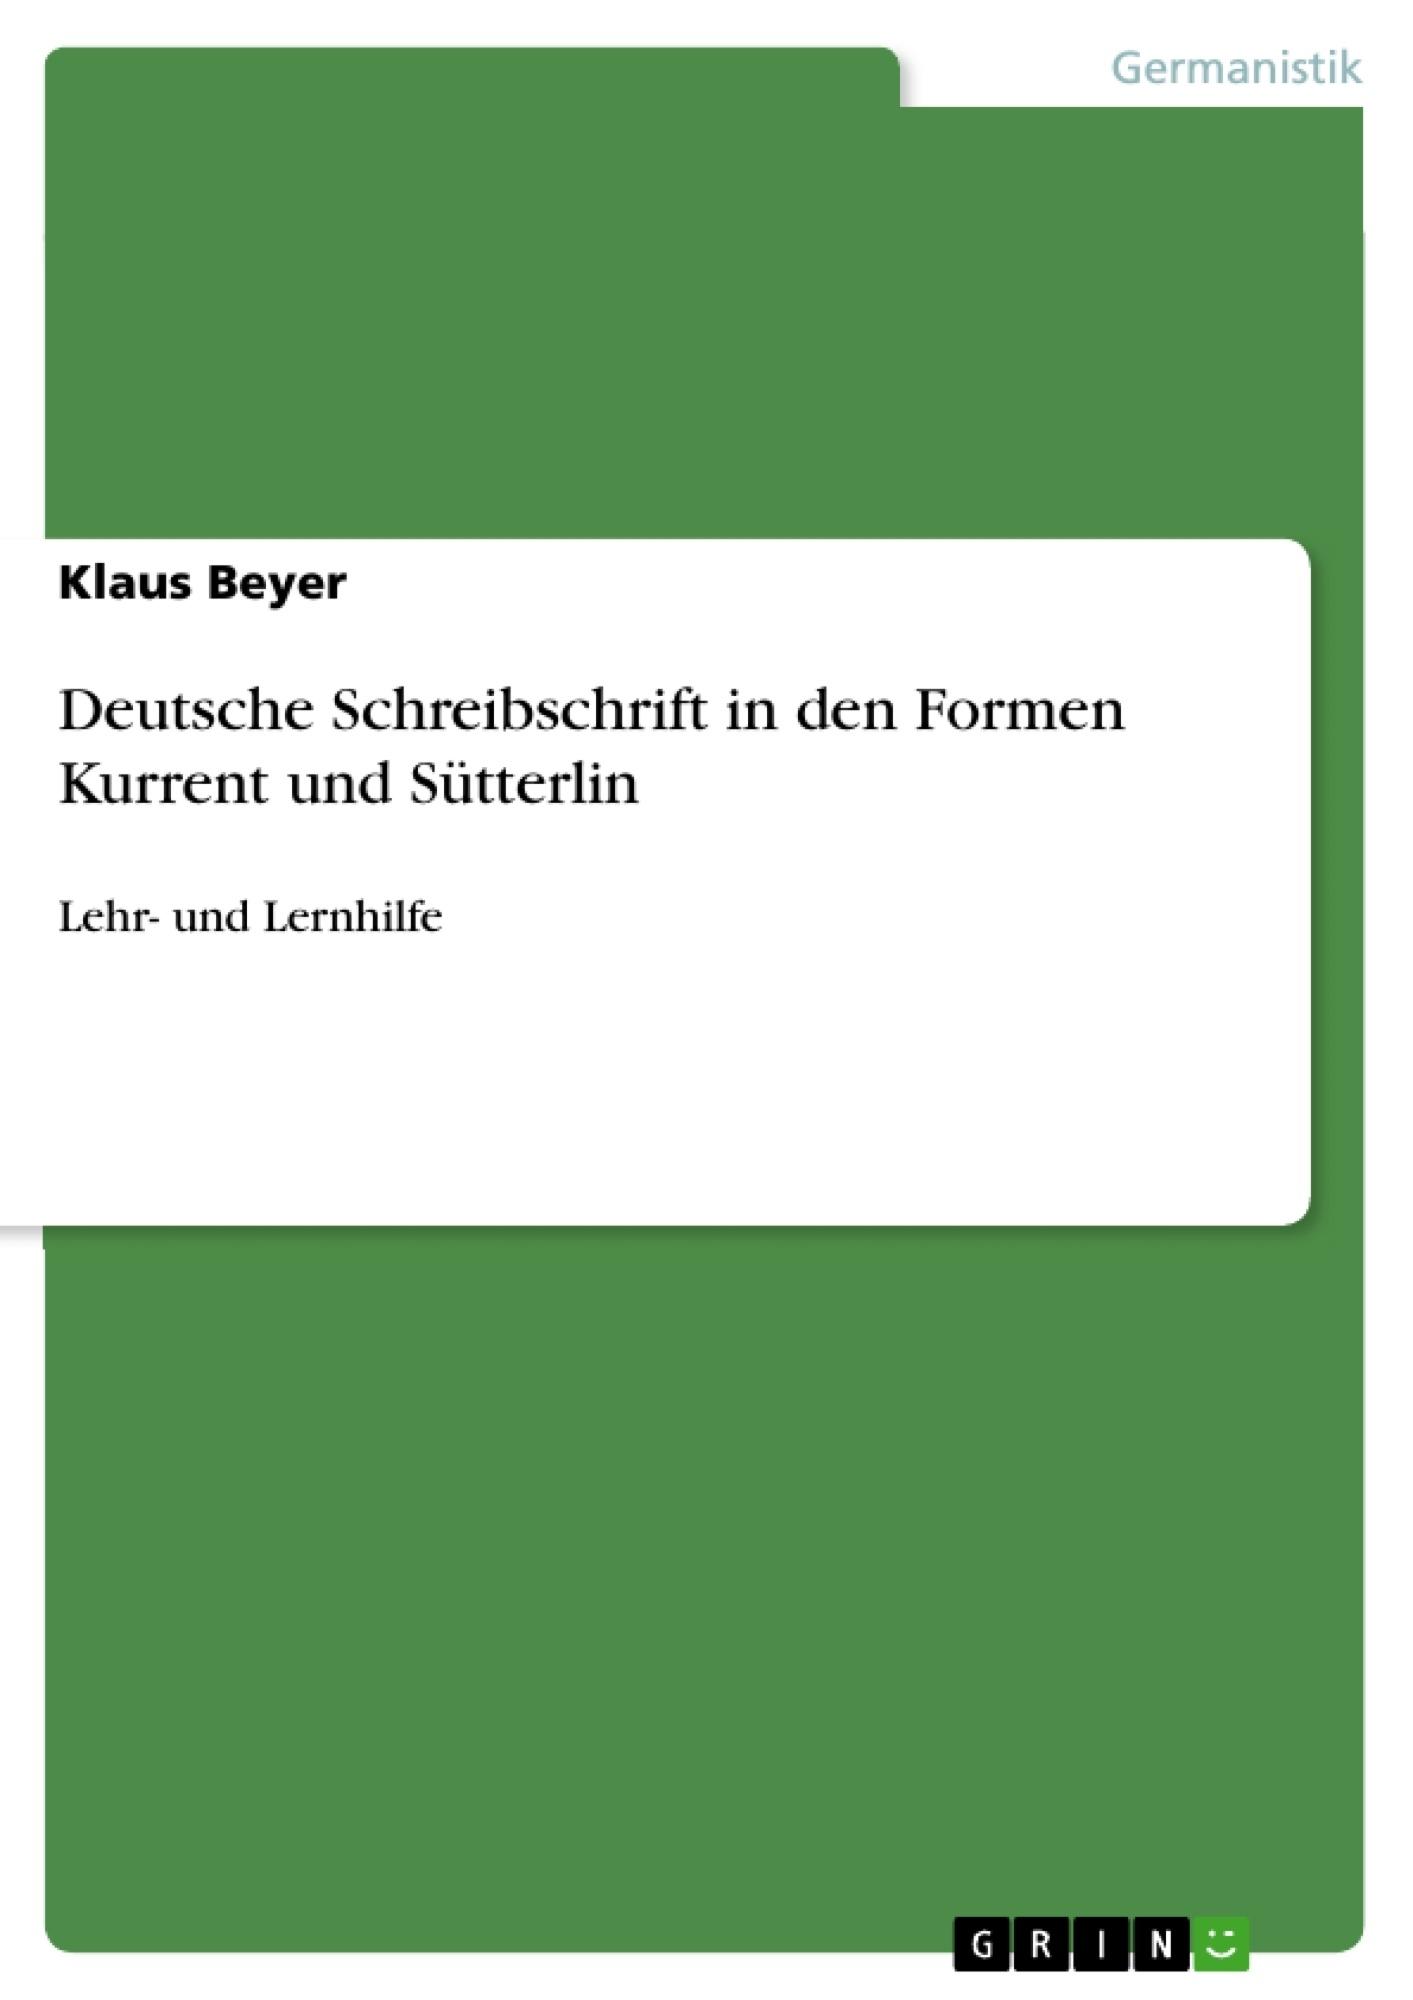 Titel: Deutsche Schreibschrift in den Formen Kurrent und Sütterlin